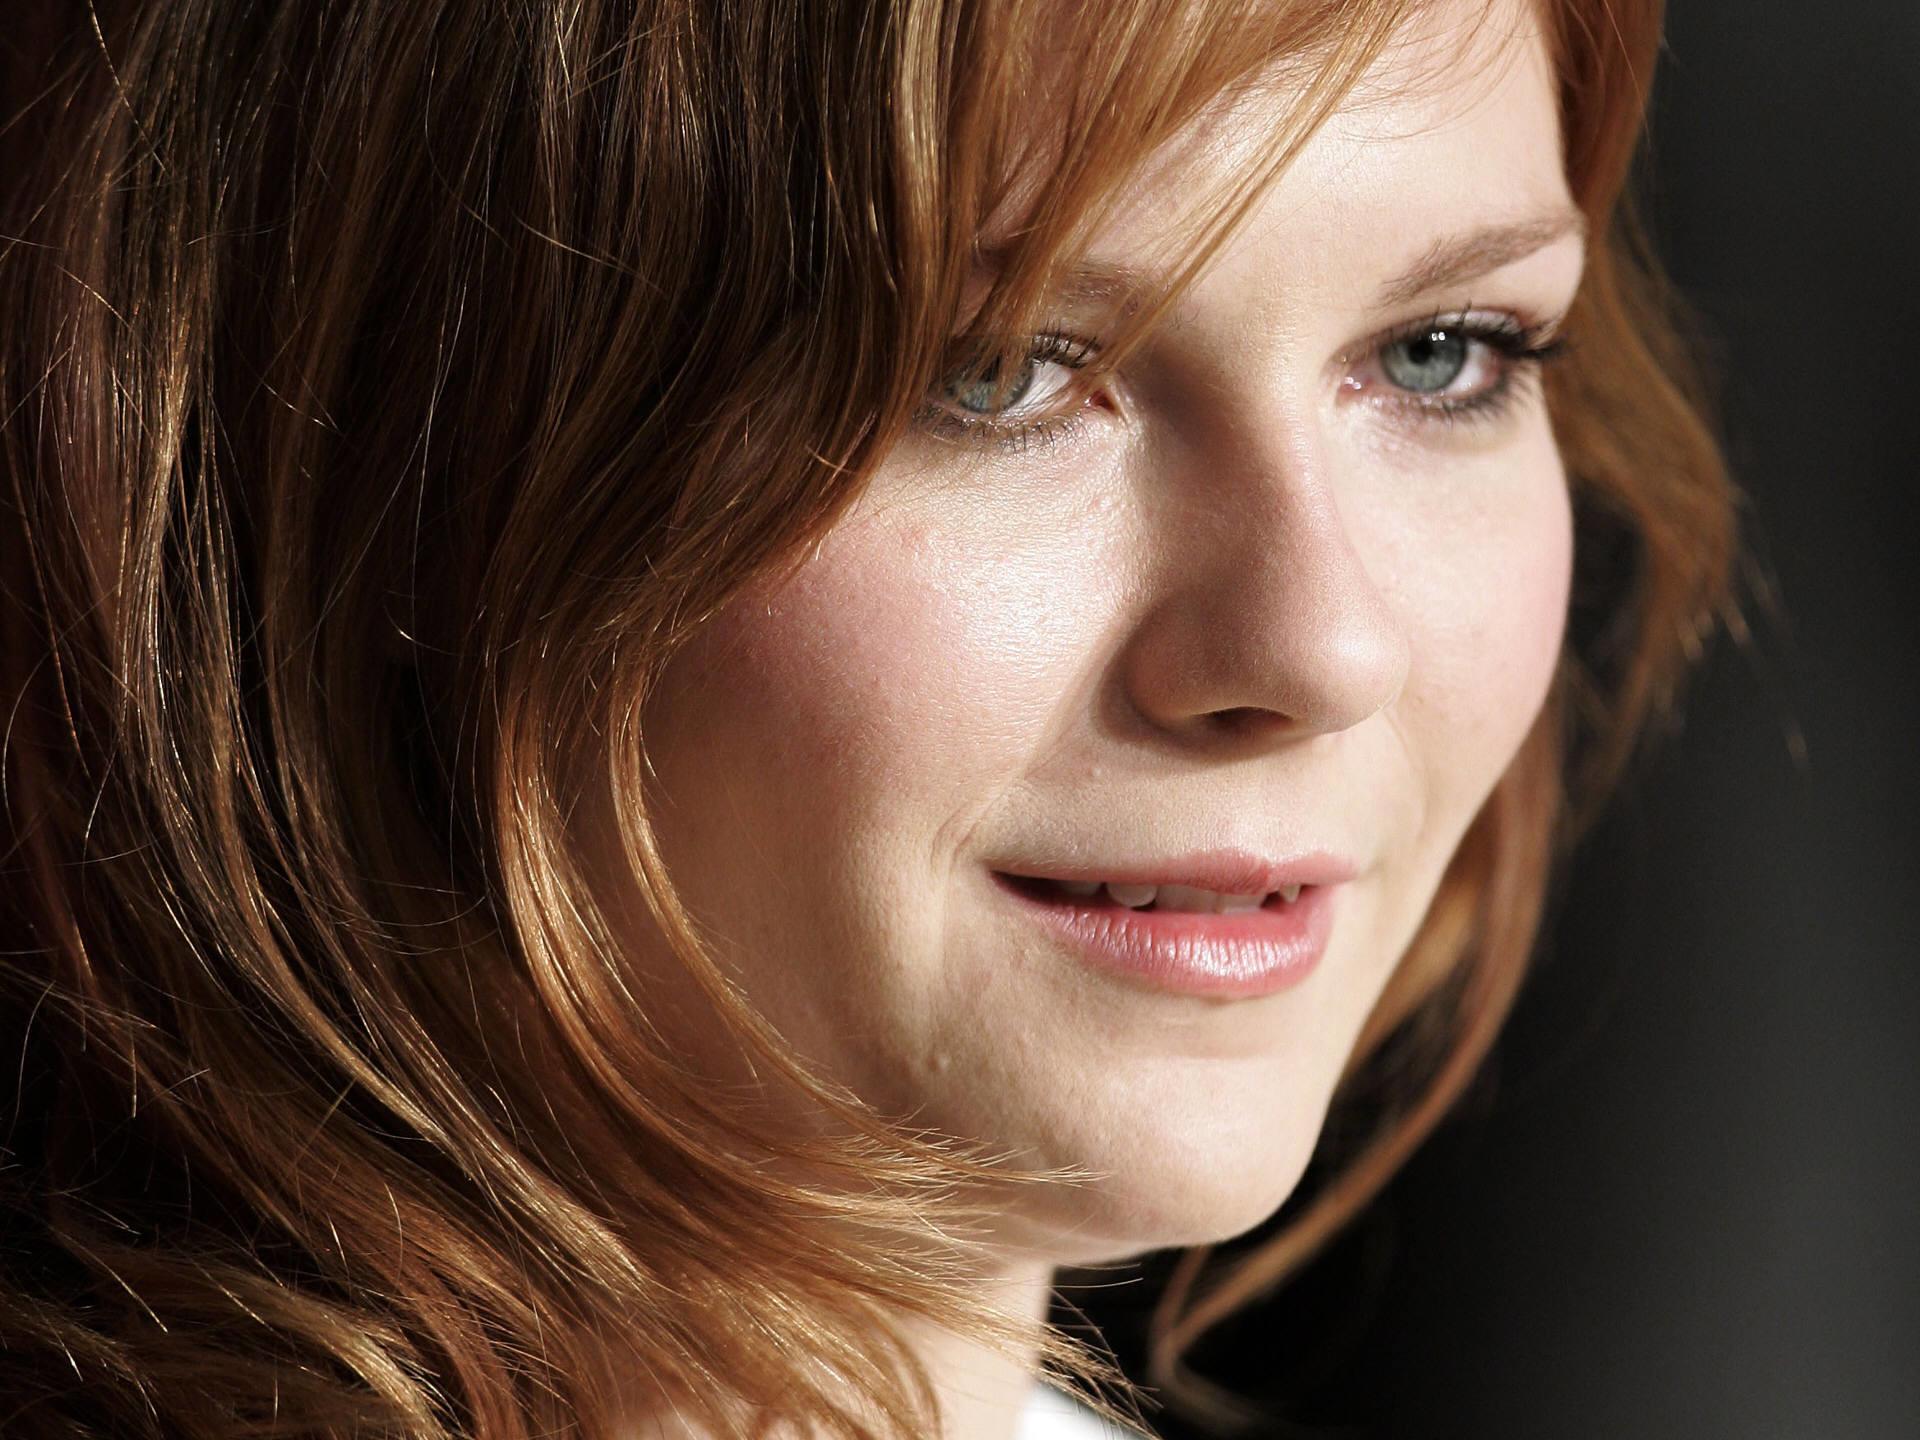 Kirsten Dunst Face Redhead Wallpaper